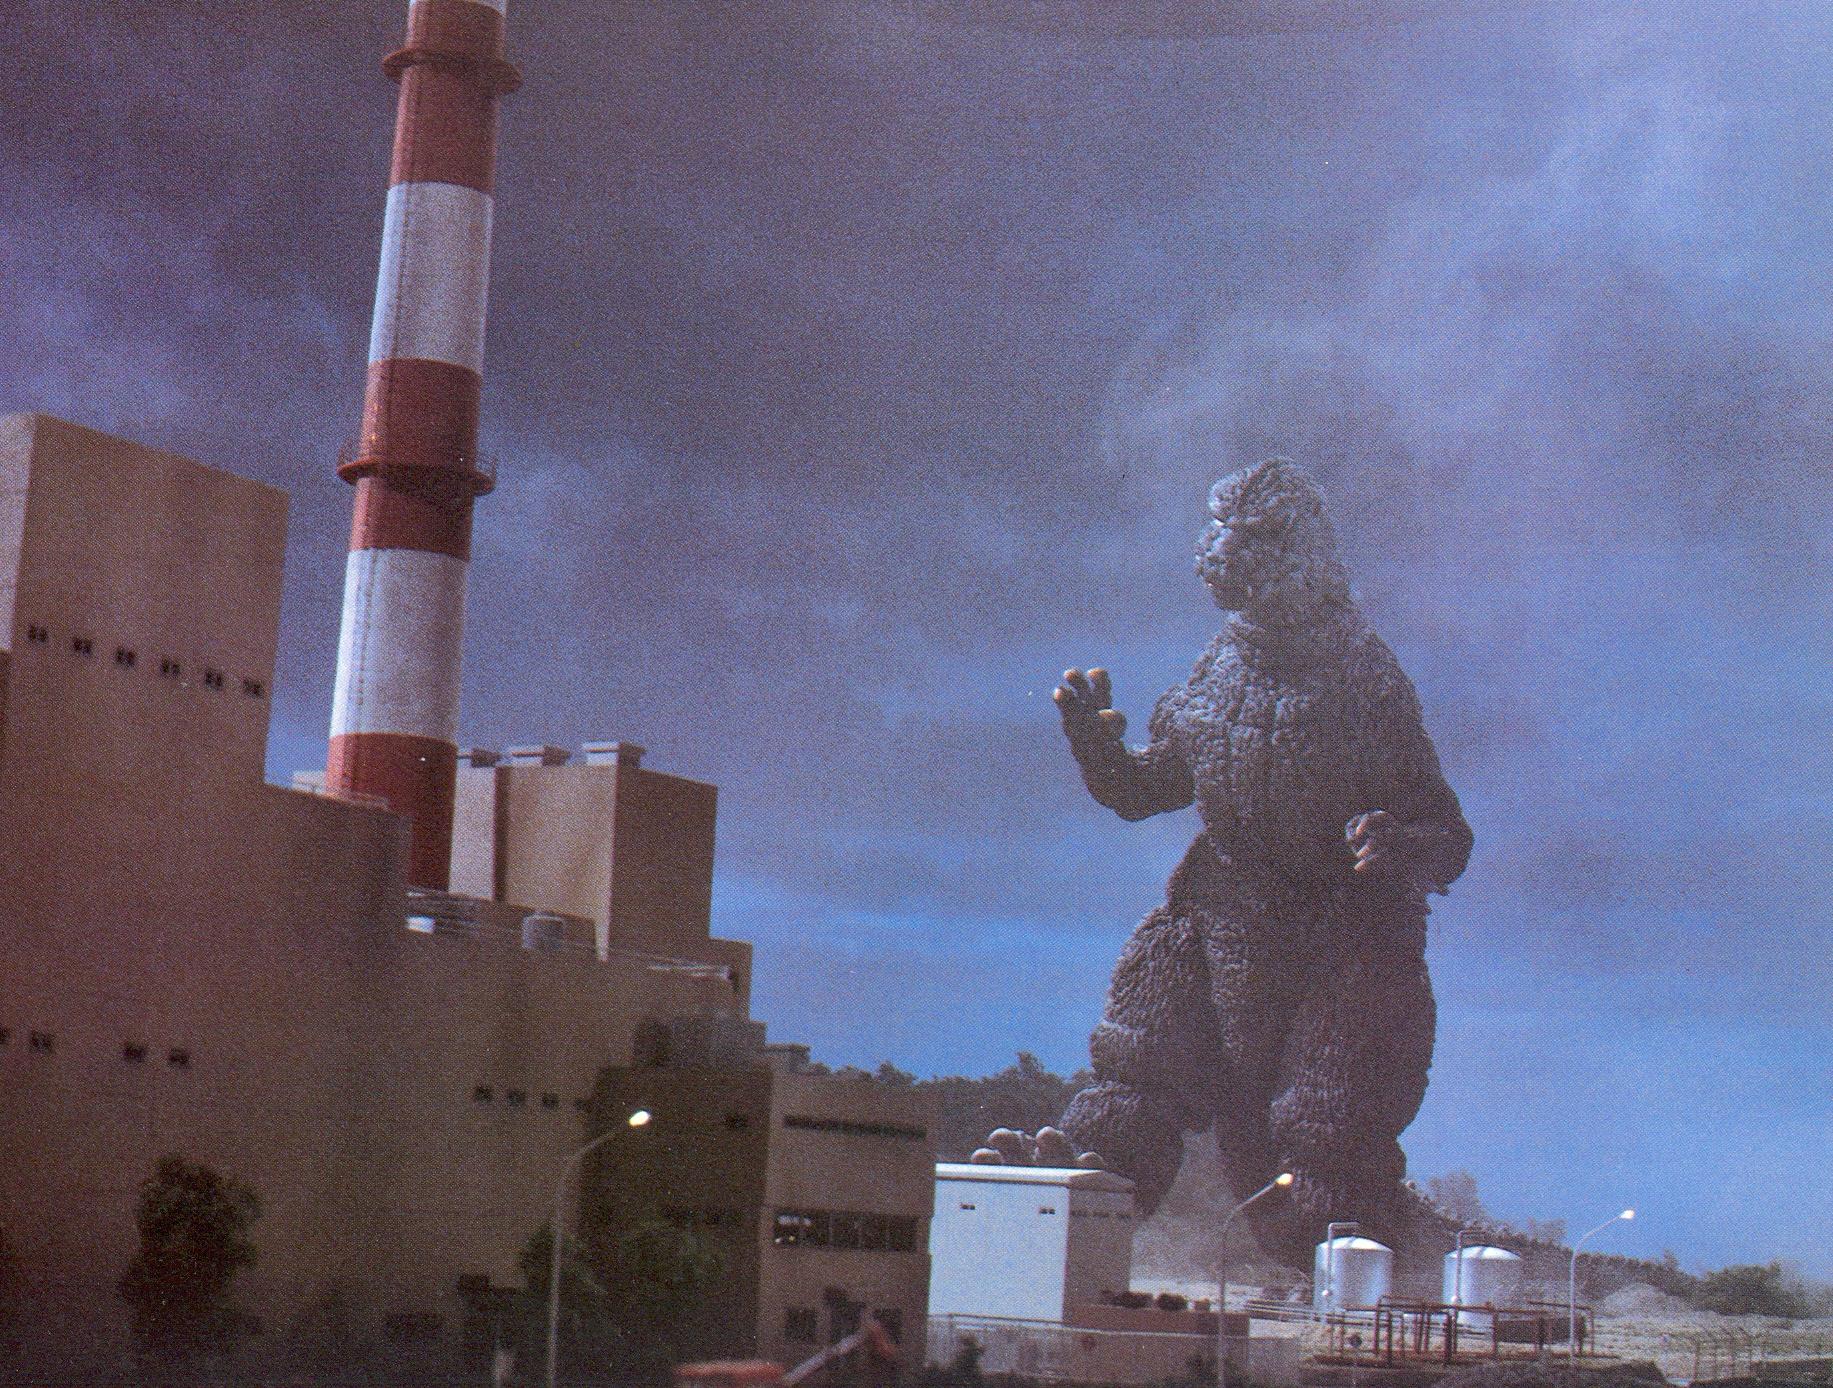 Godzilla '84 Still 1, Front by geekspace on DeviantArt